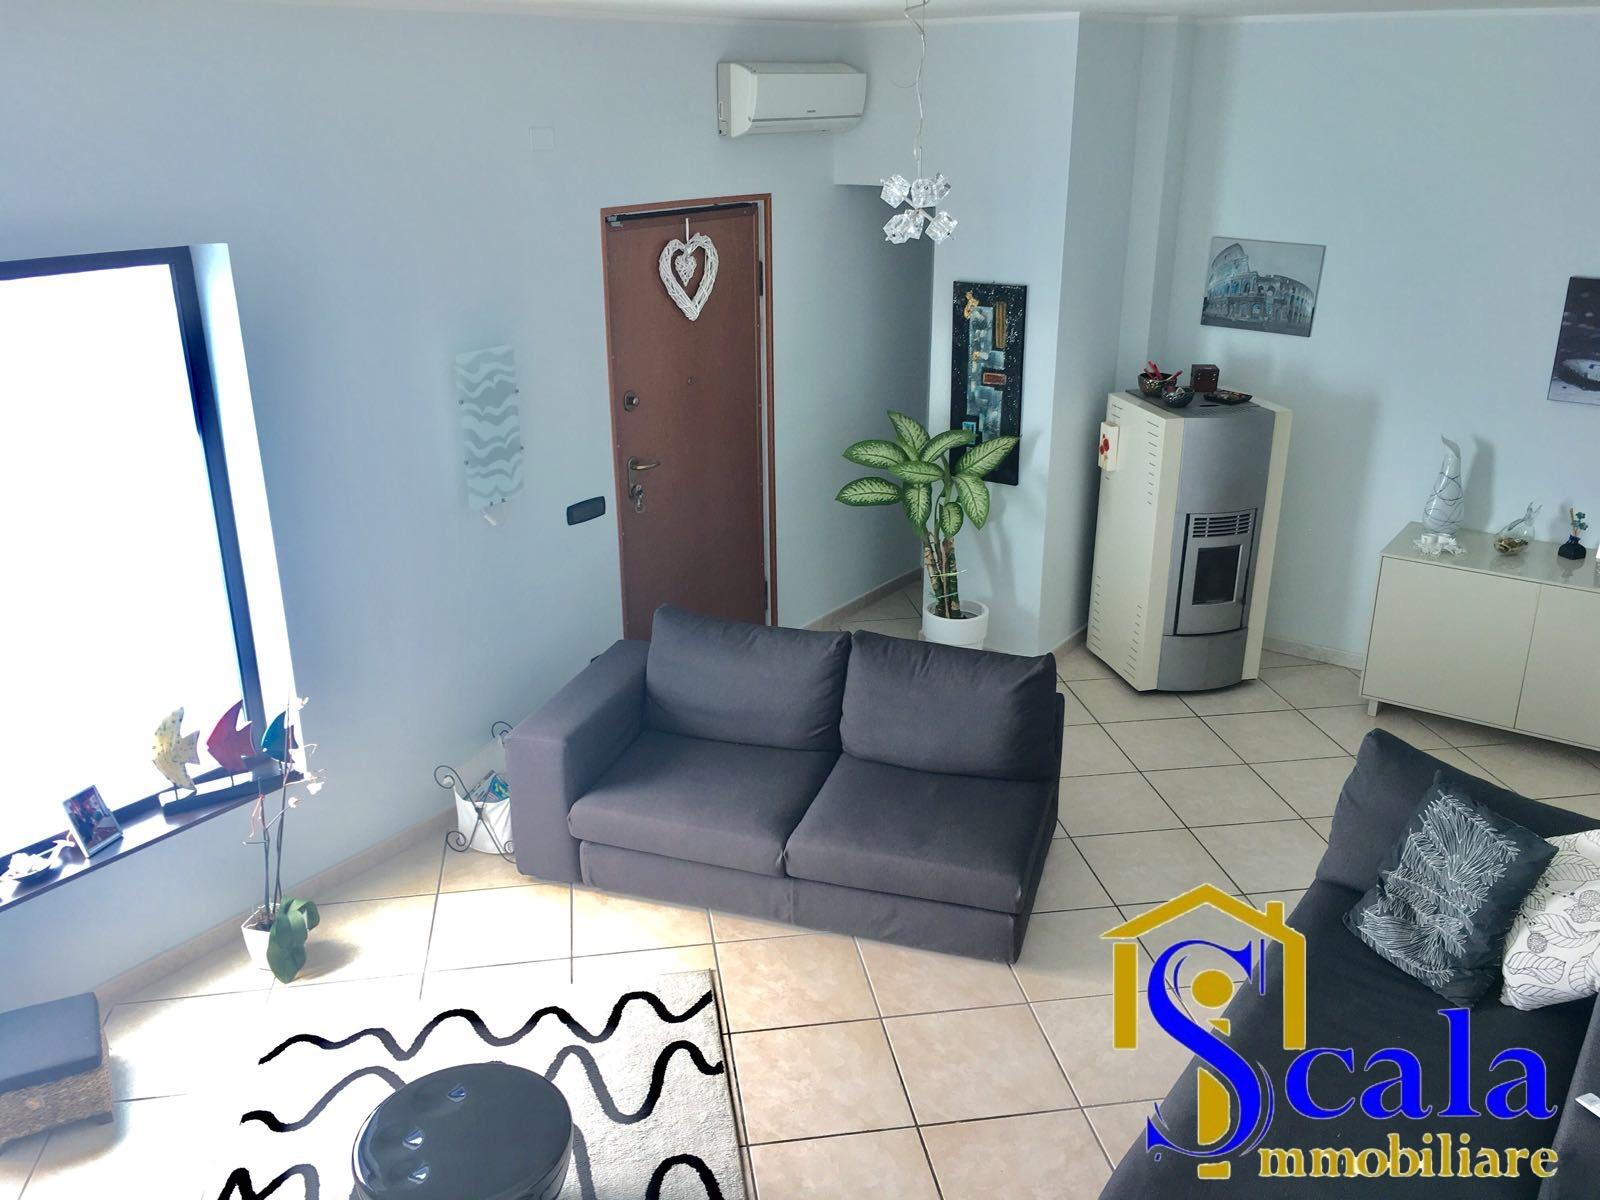 Soluzione Indipendente in vendita a Capua, 6 locali, zona Località: S.AngeloinFormis, prezzo € 210.000 | CambioCasa.it